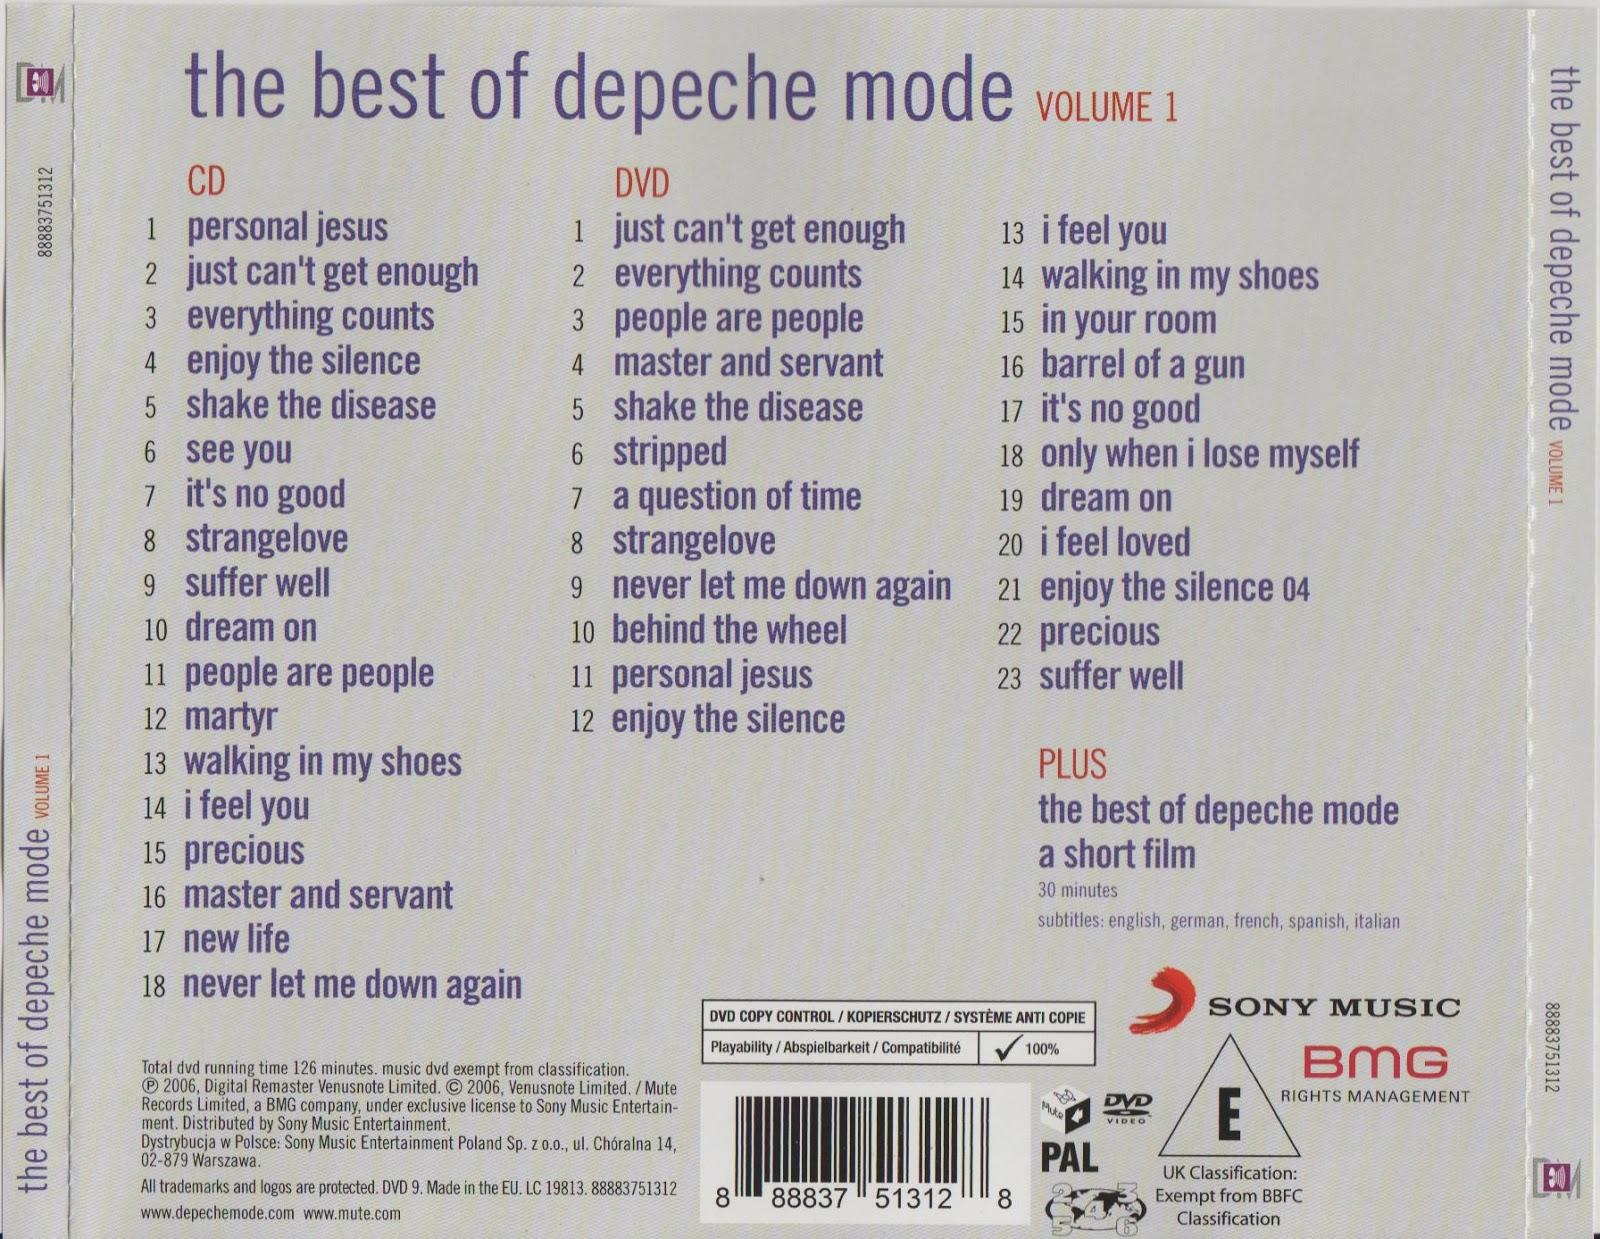 Depeche Mode The Best Of Depeche Mode Volume 1 Cd Dvd